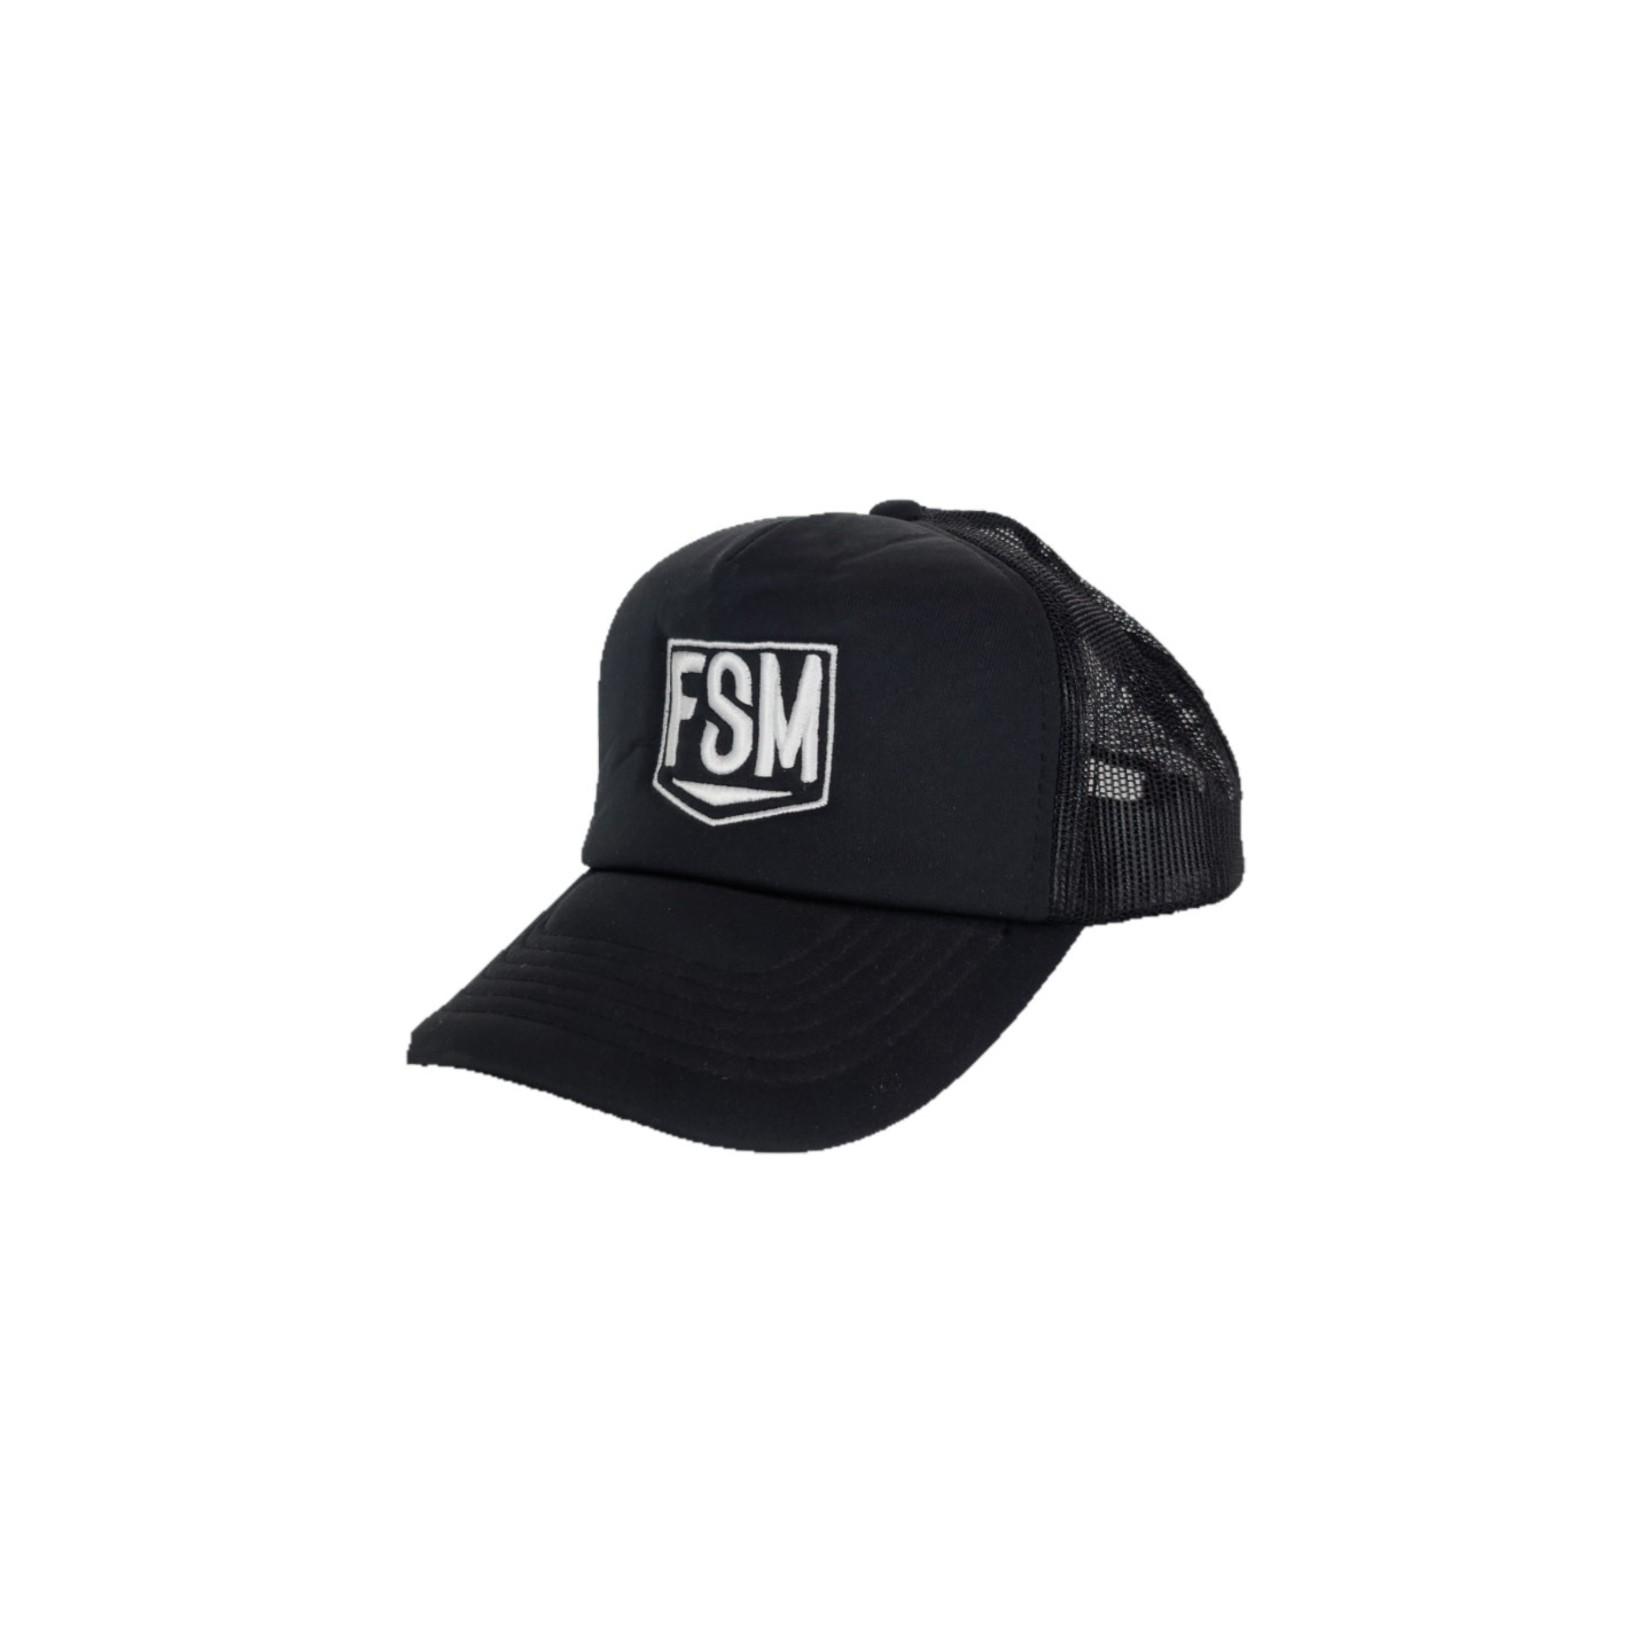 FSM OG Trucker Cap (stitched)